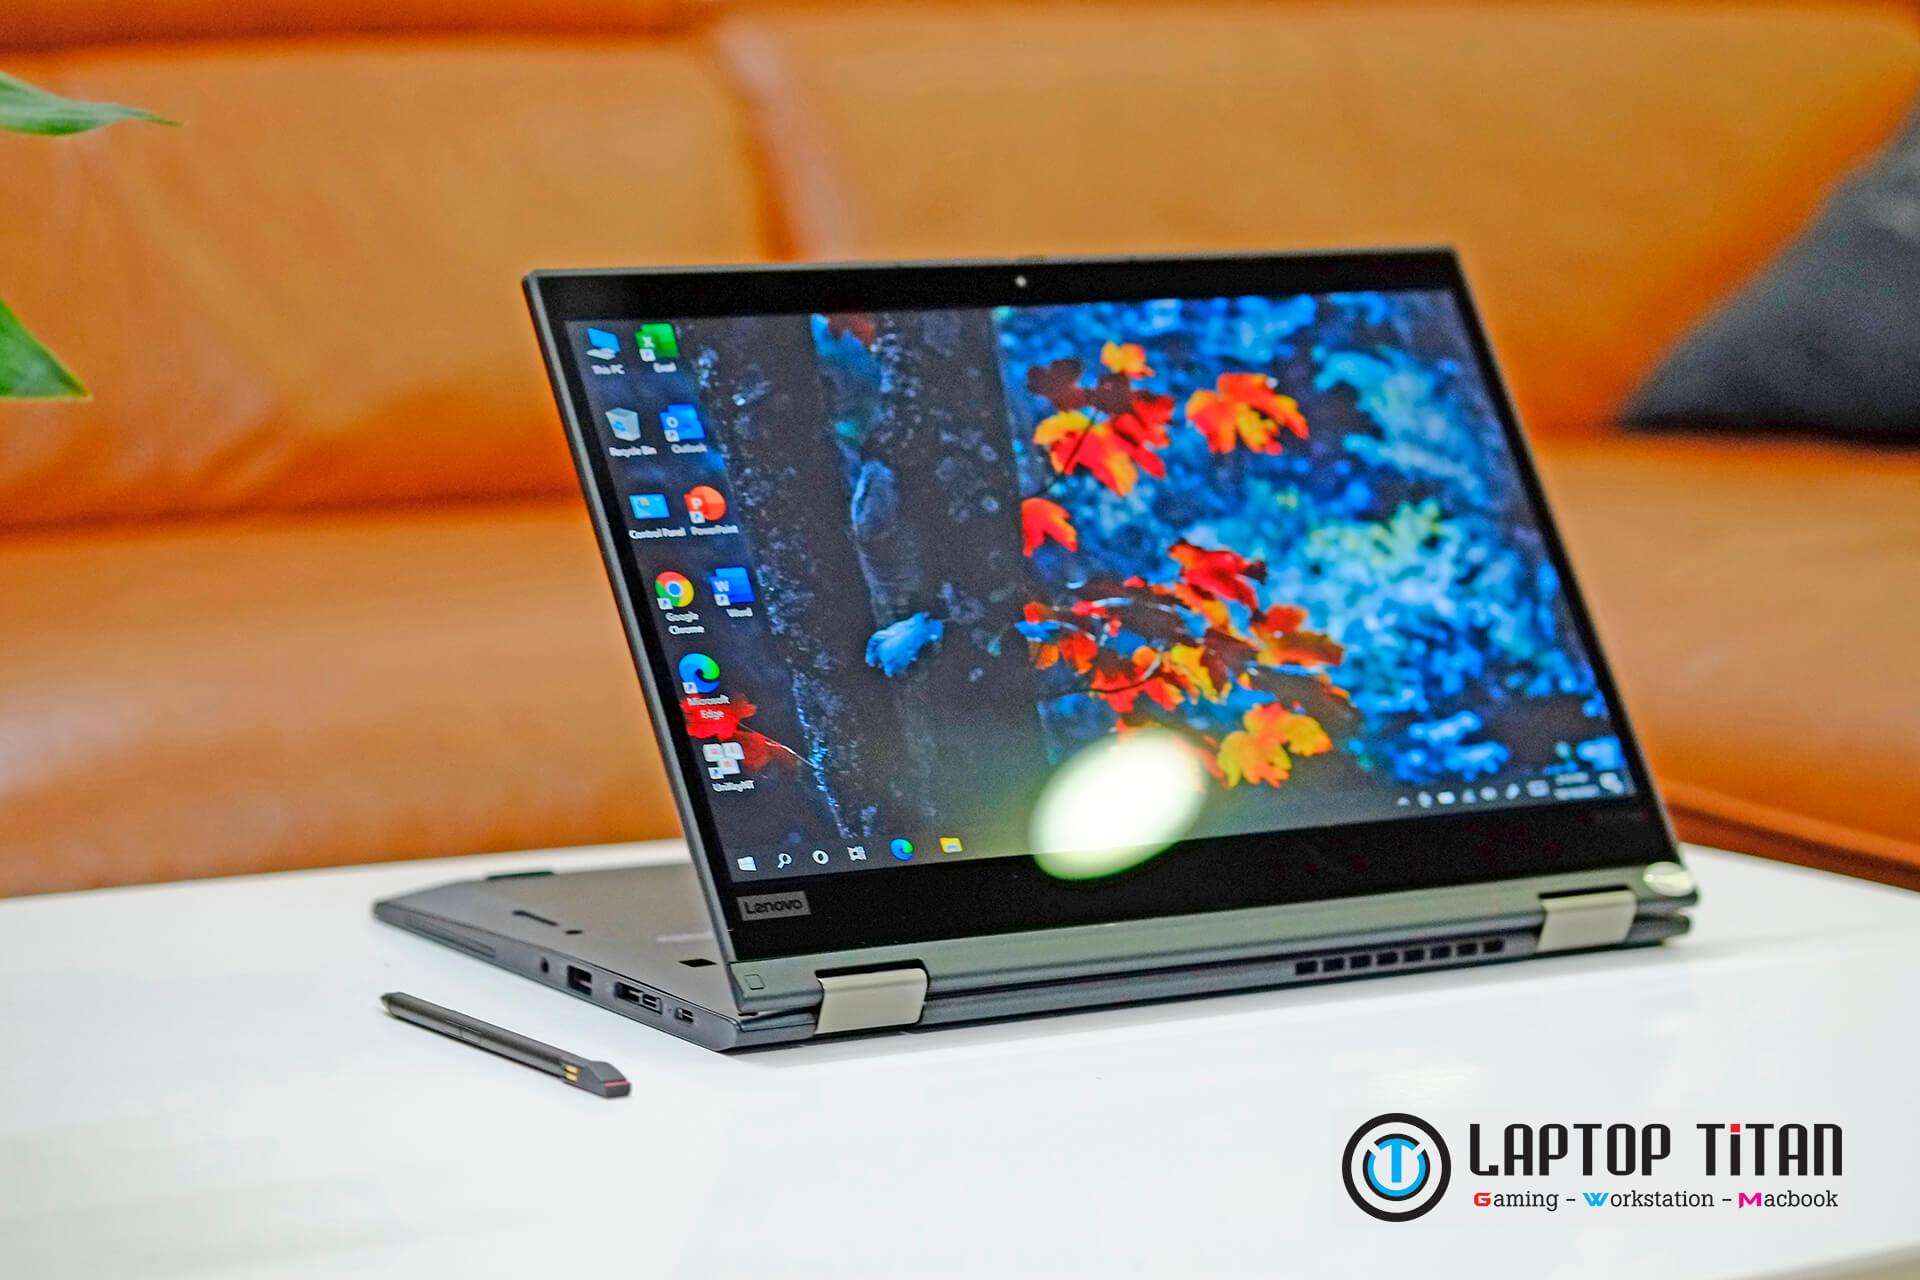 Lenovo Thinkpad X13 Yoga Laptoptitan 06